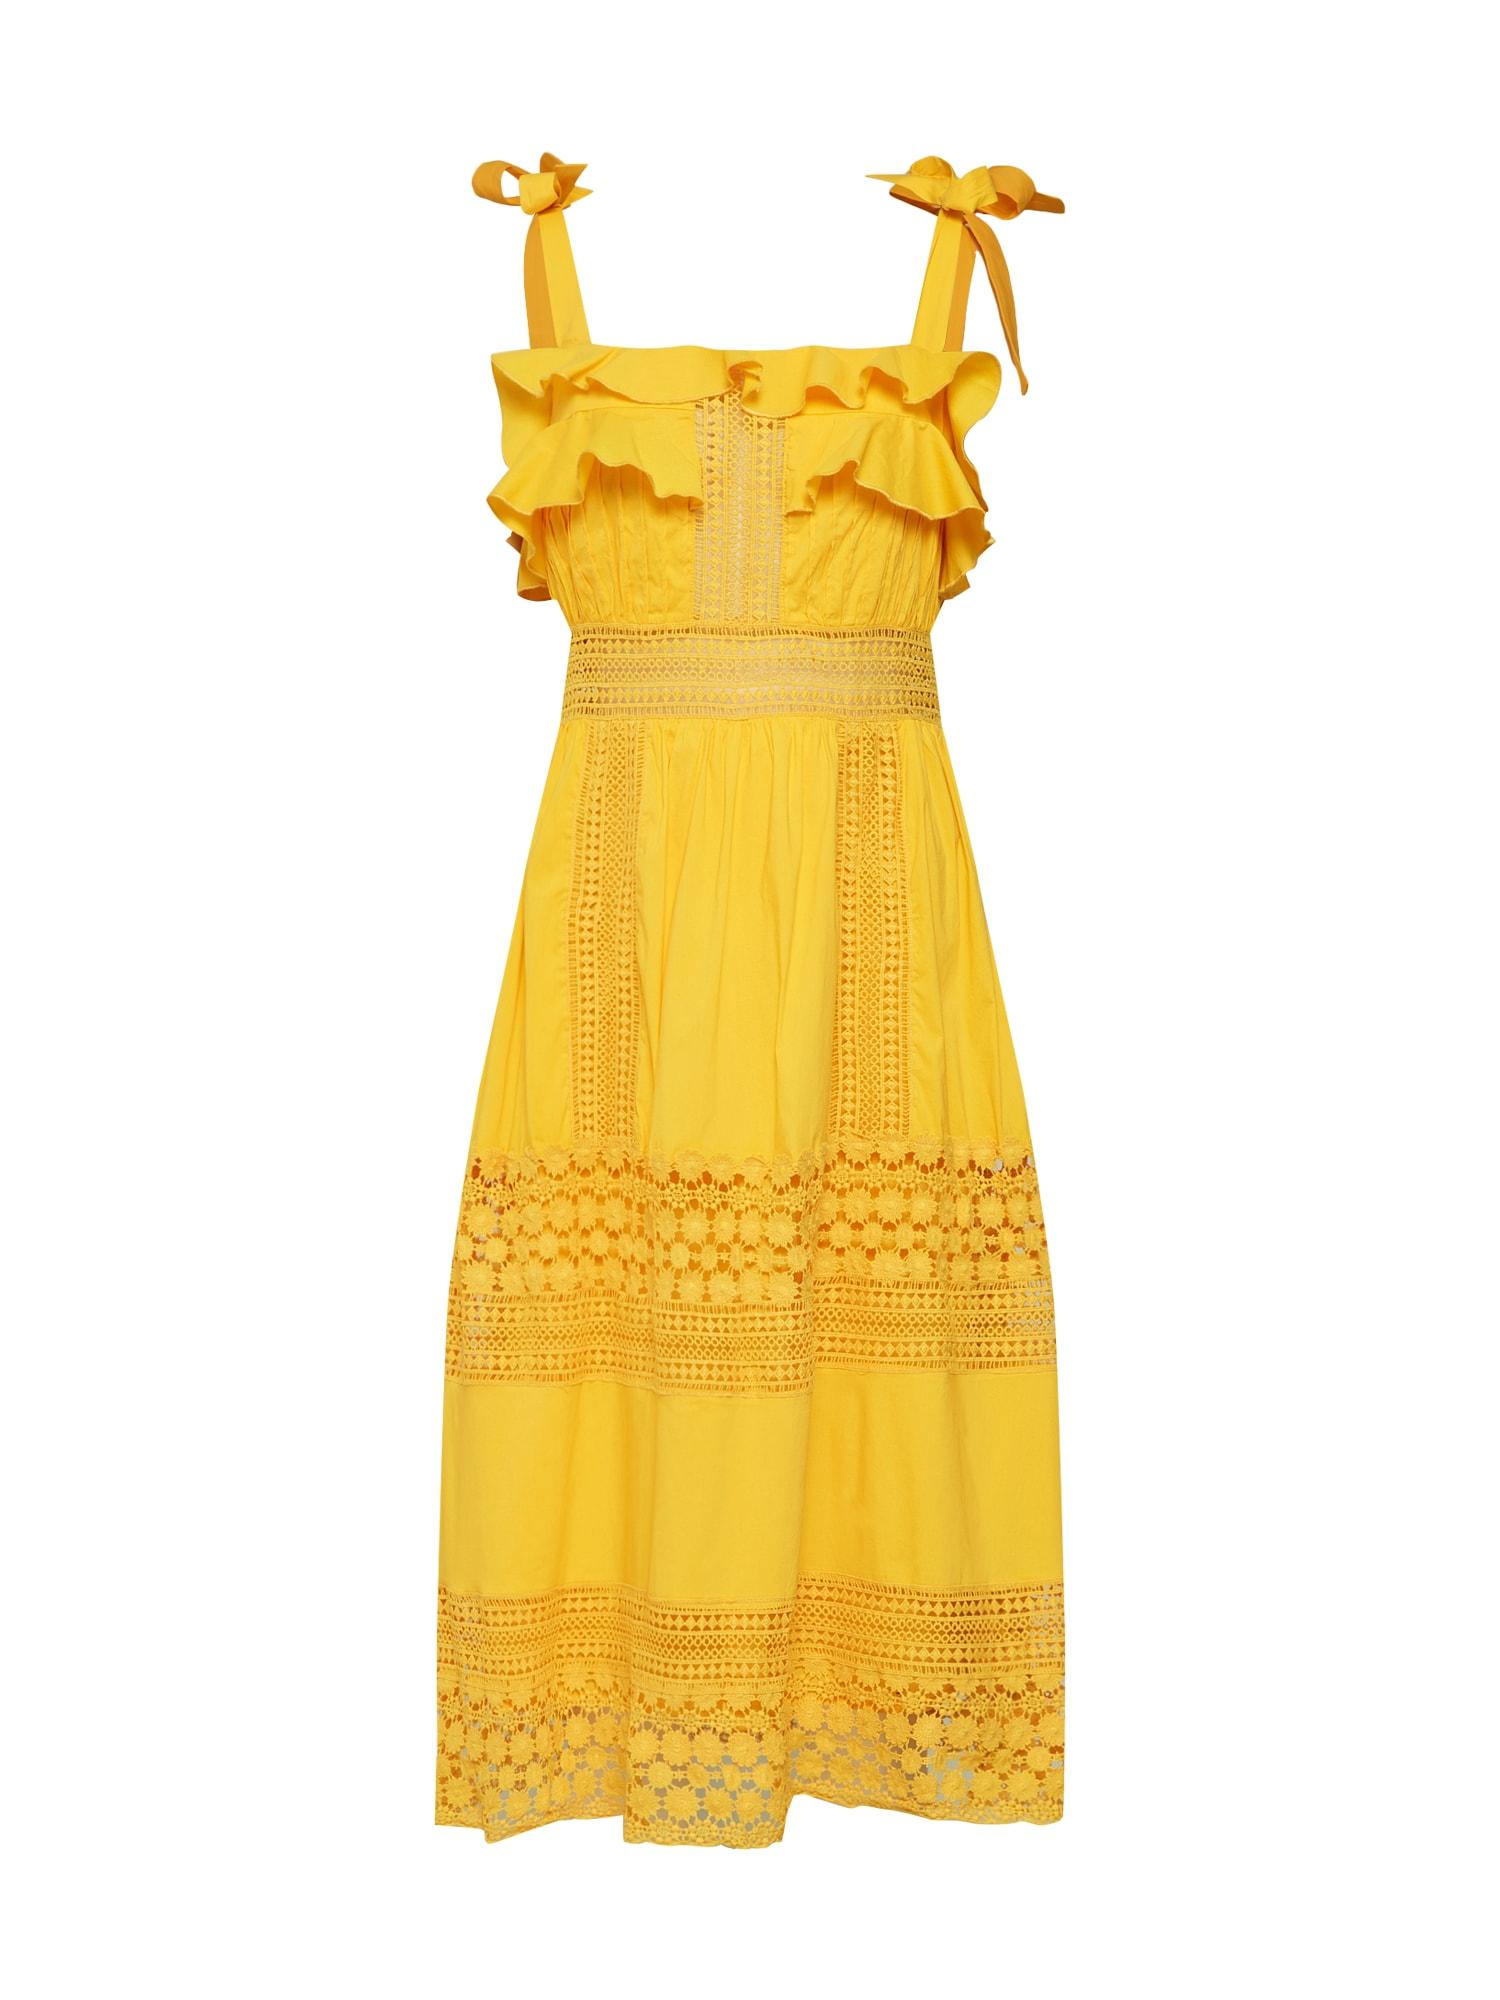 Šaty Emeline žlutá By Malina